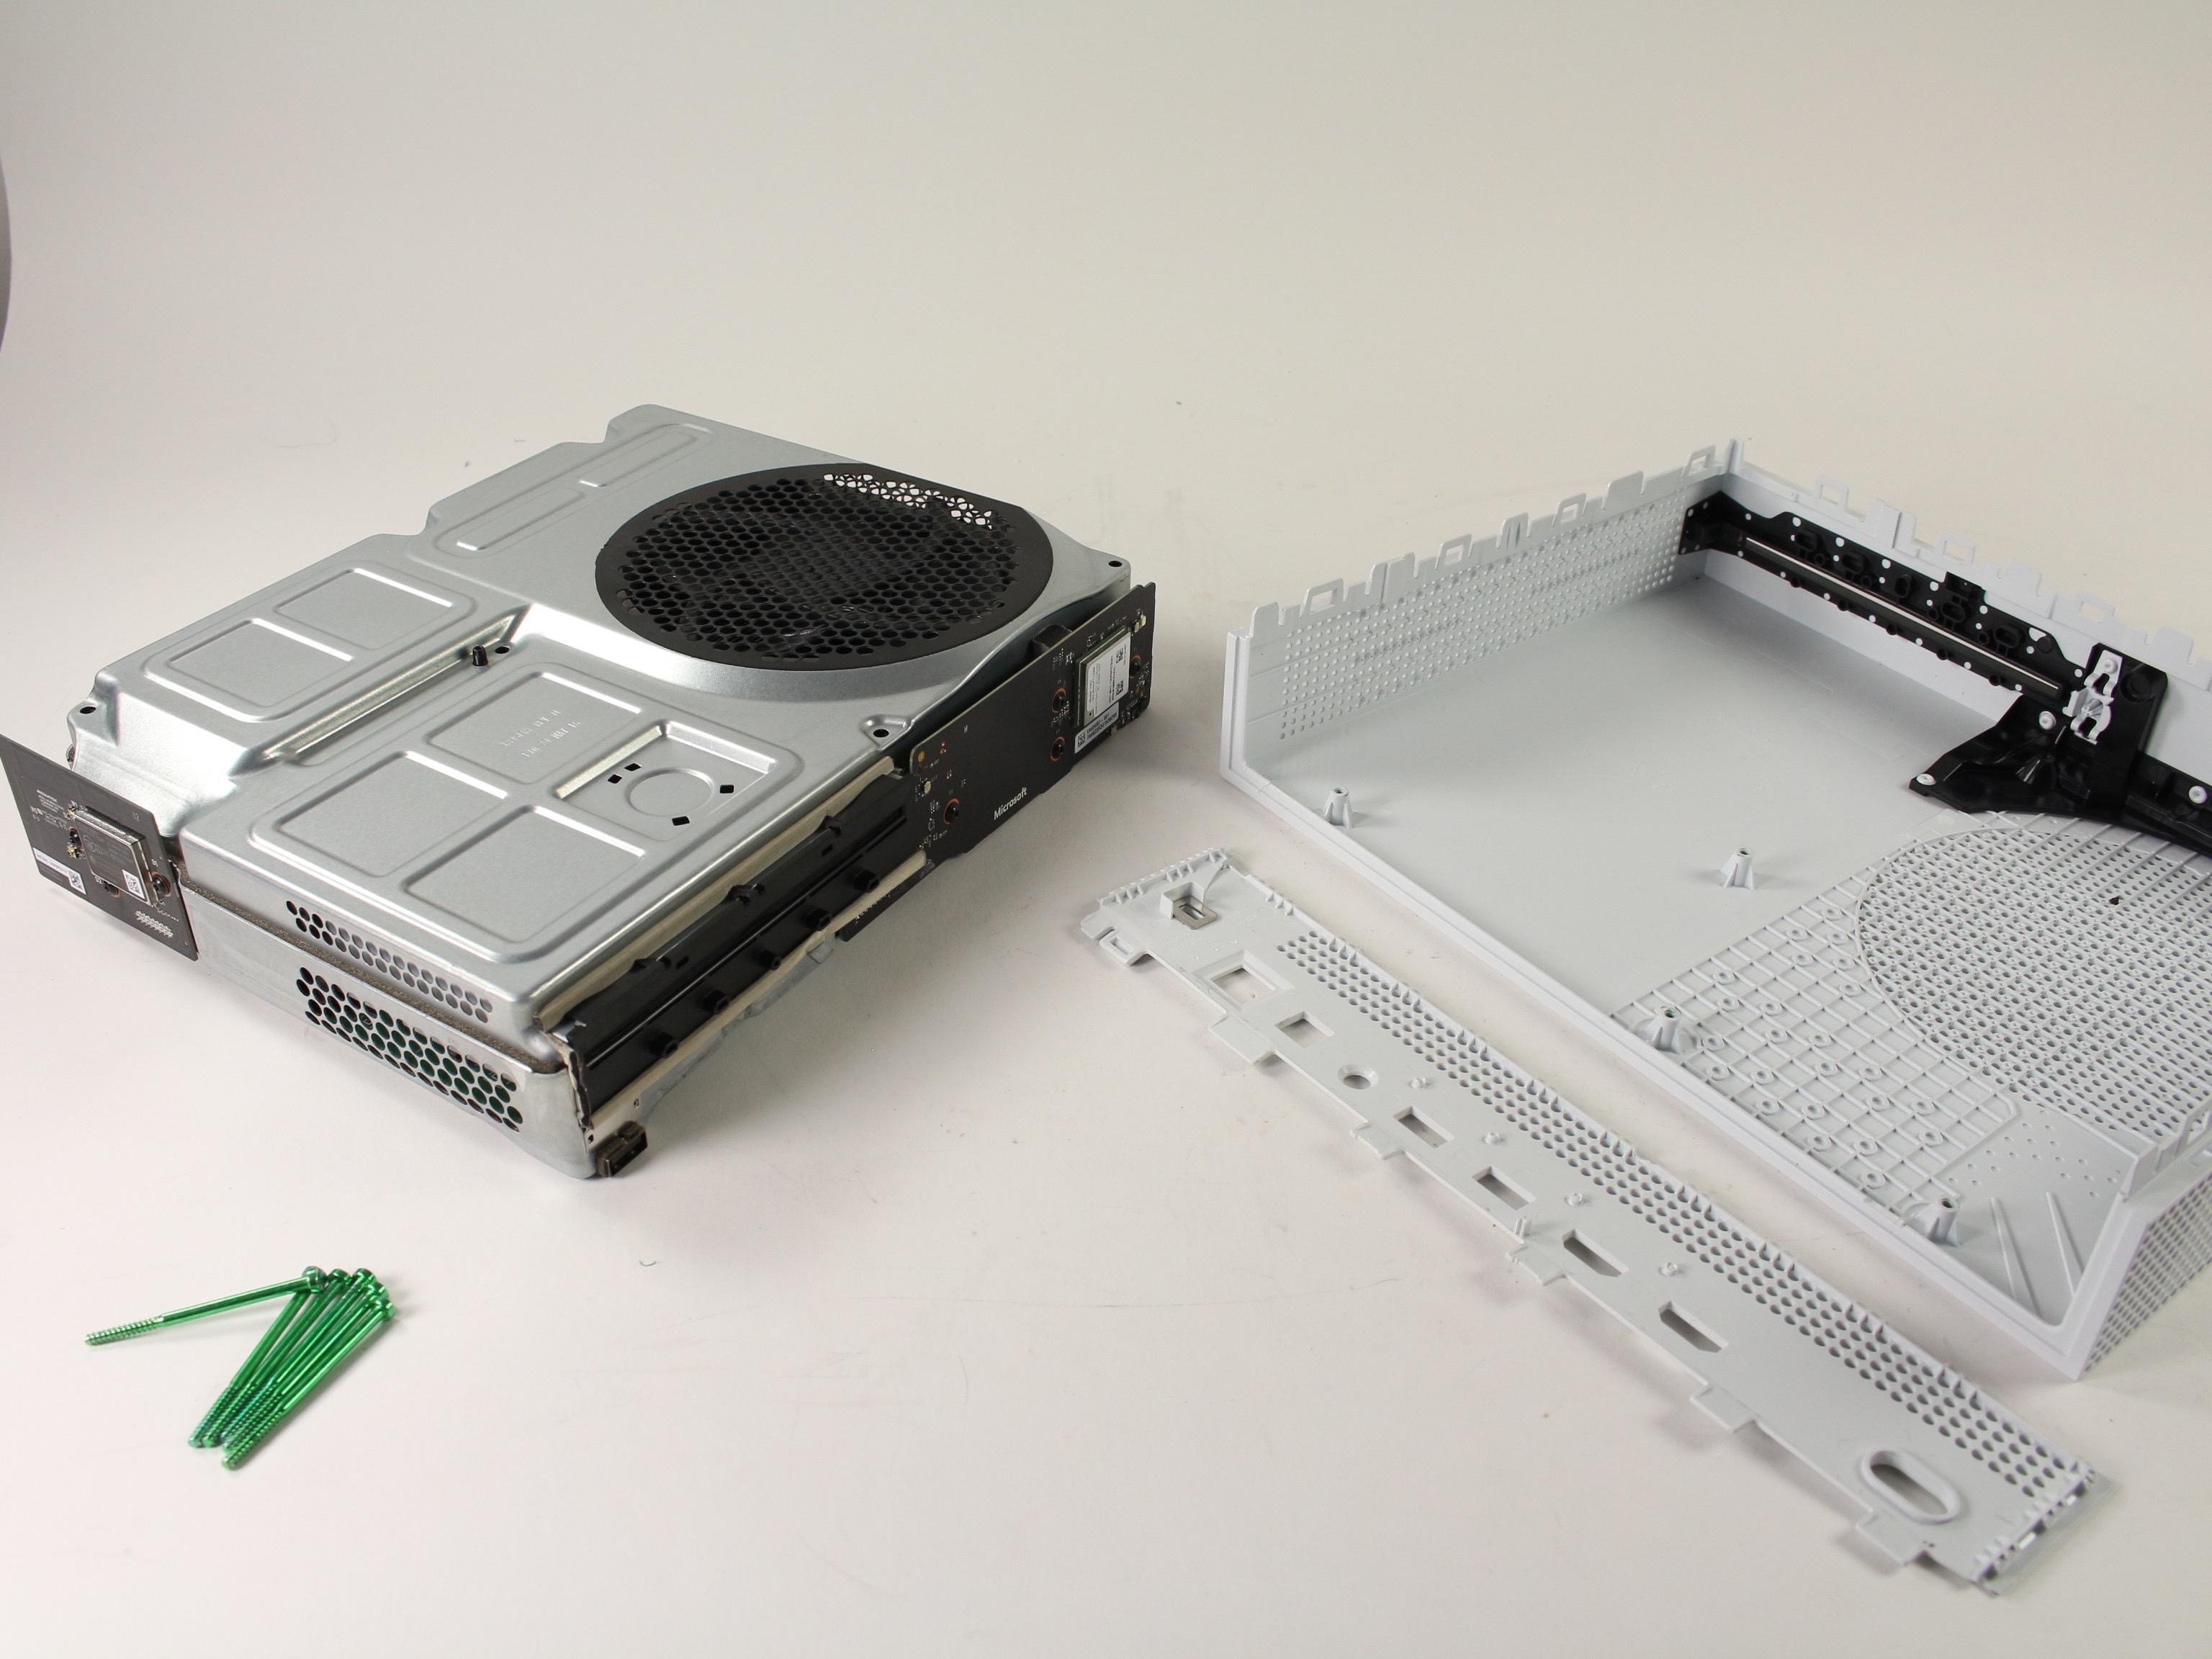 Xbox One S Repair Ifixit 360 Case